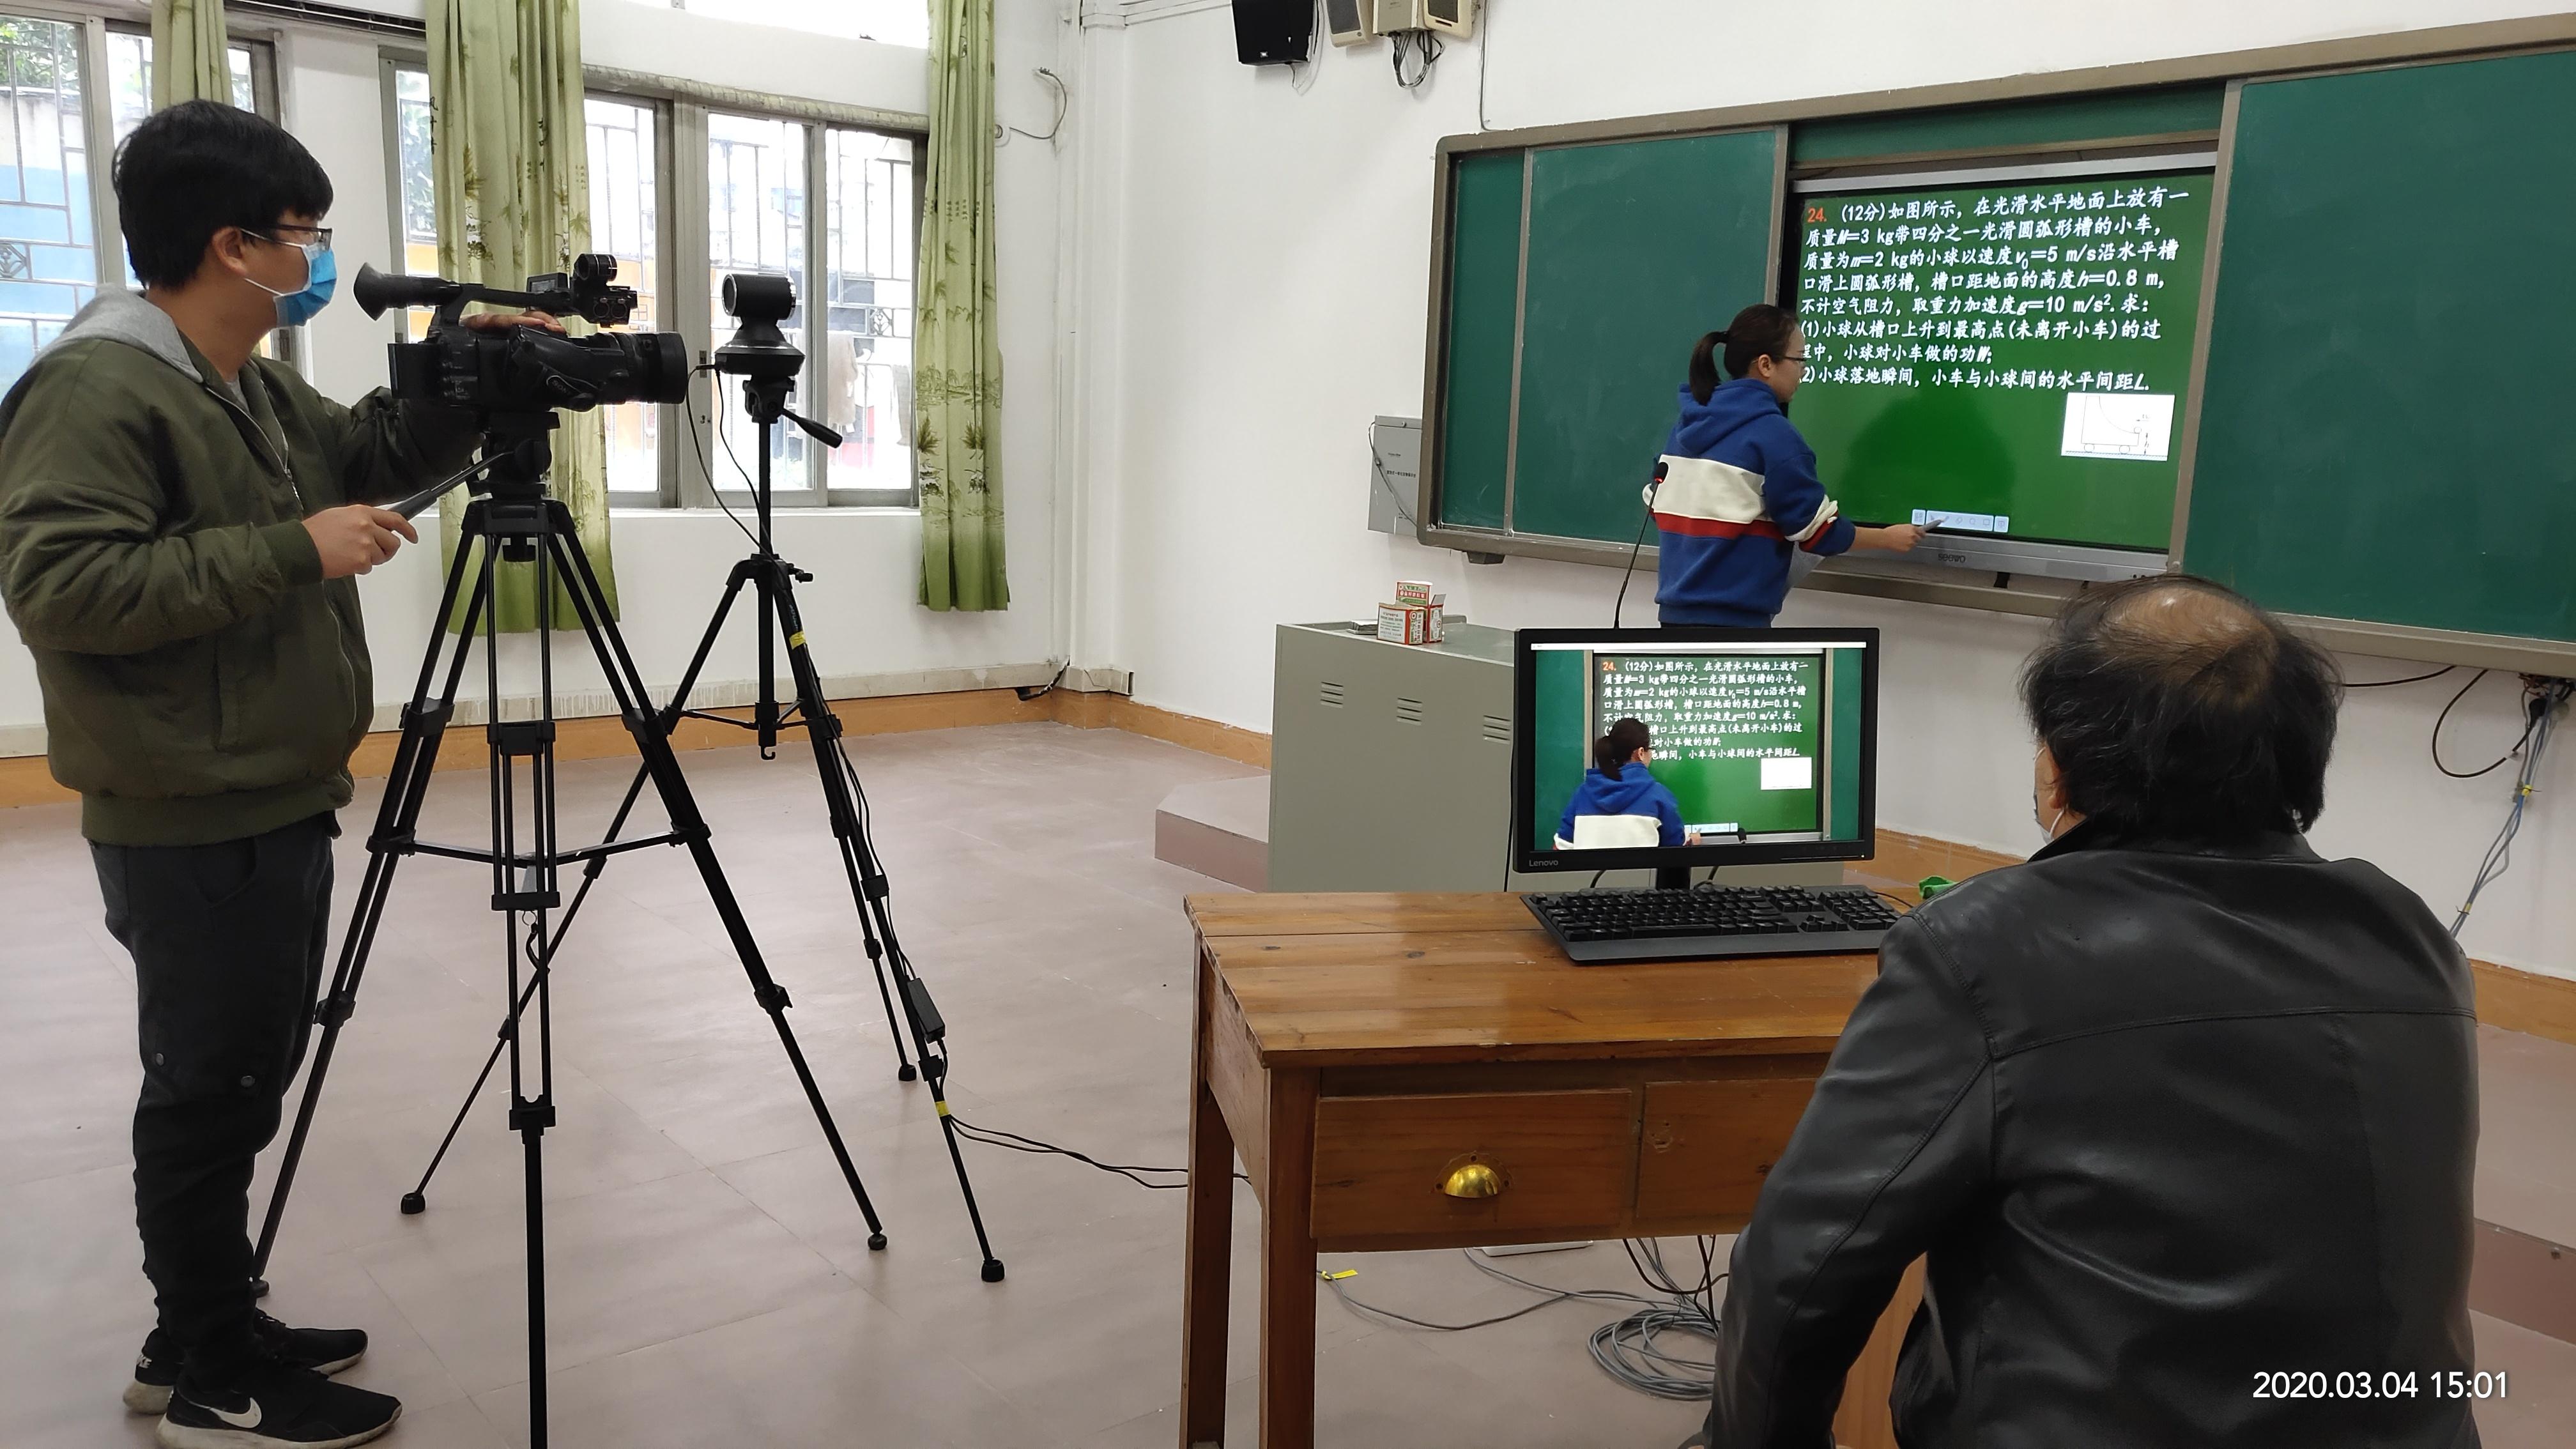 玉林市陆川中学的老师正在通过中国移动网络上直播课。吴强/摄